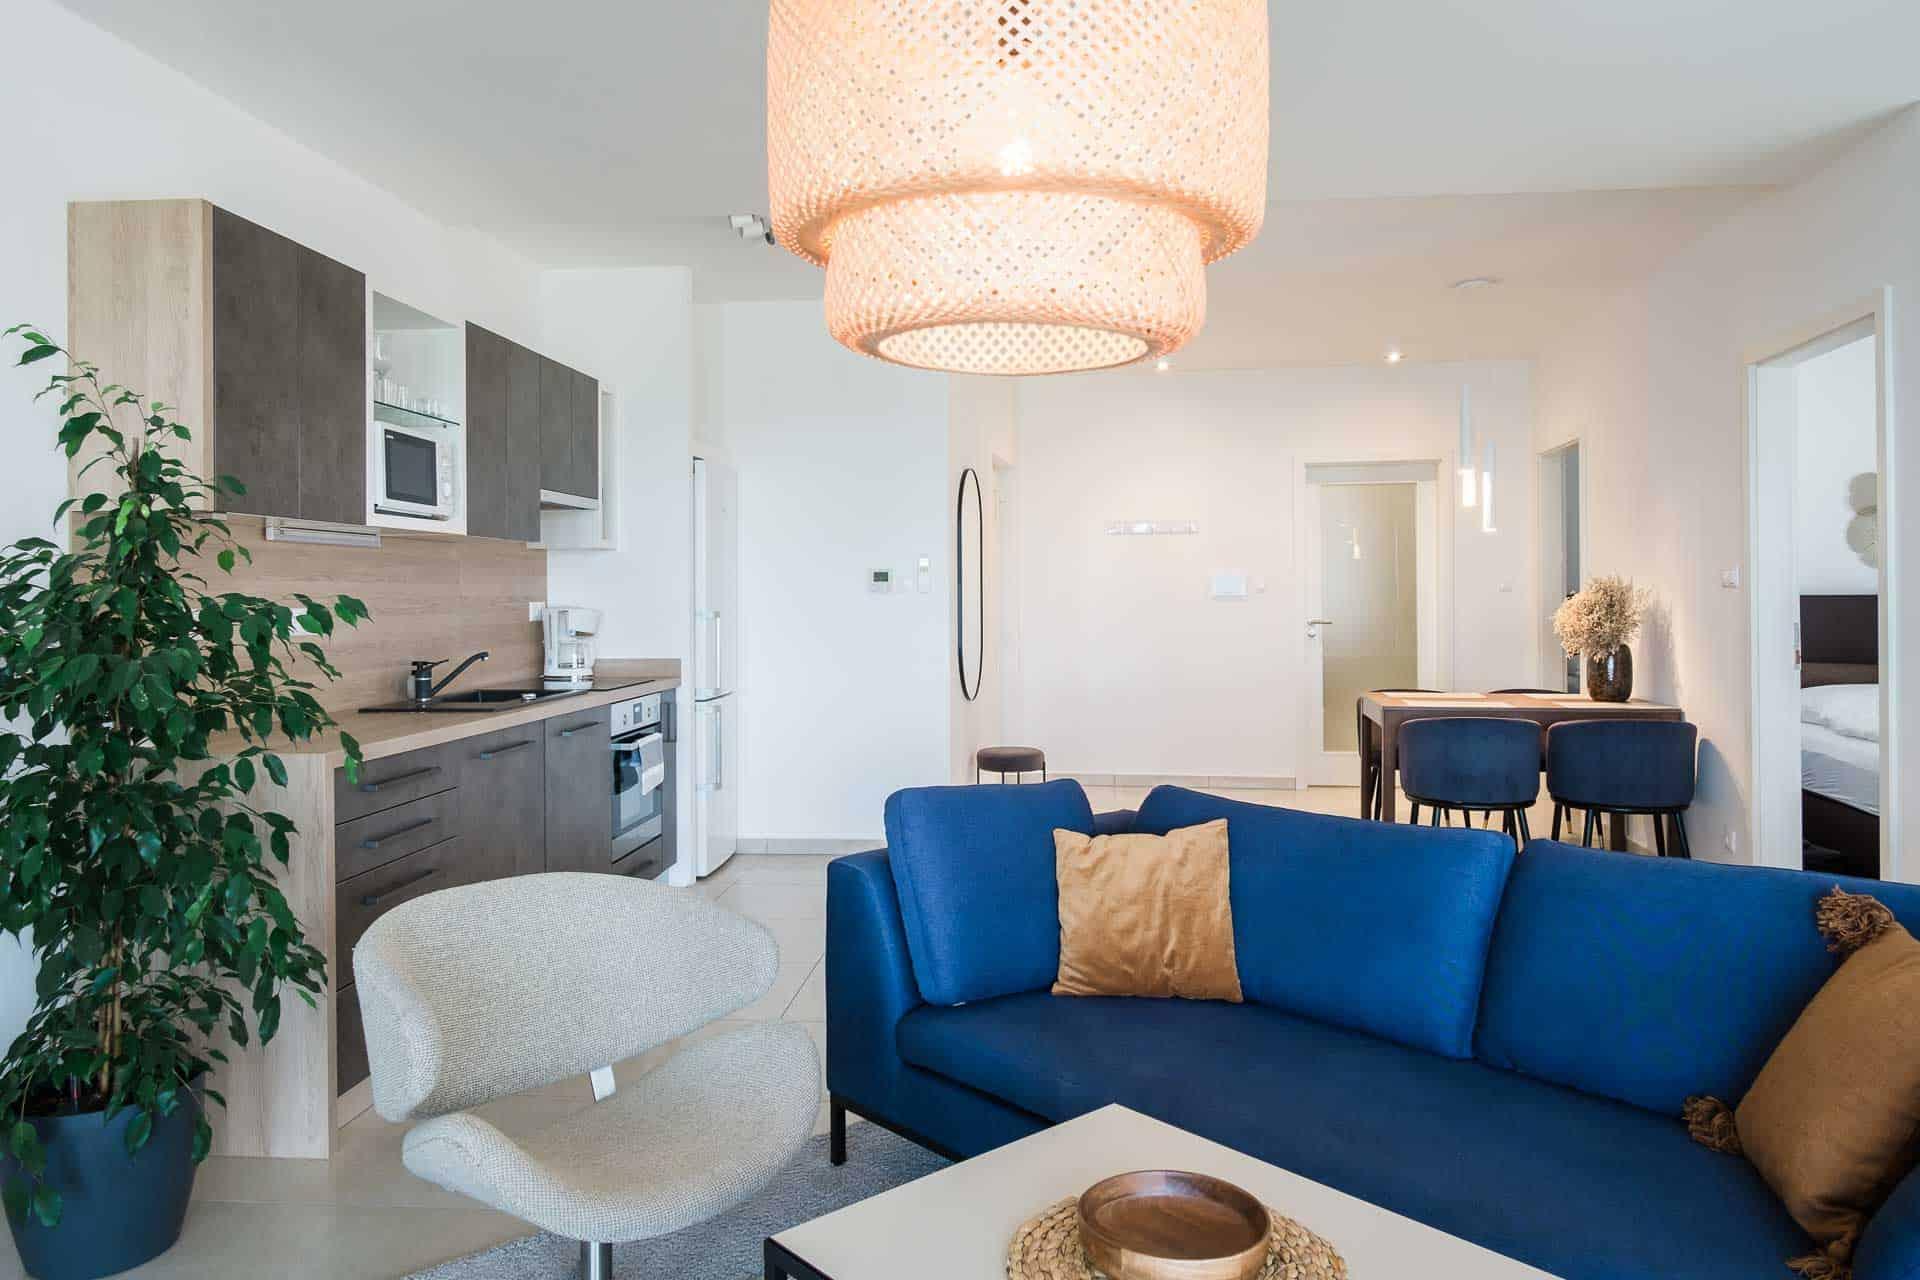 Vízparti apartman Keszthely - nappali szoba konyhával és étkezővel.